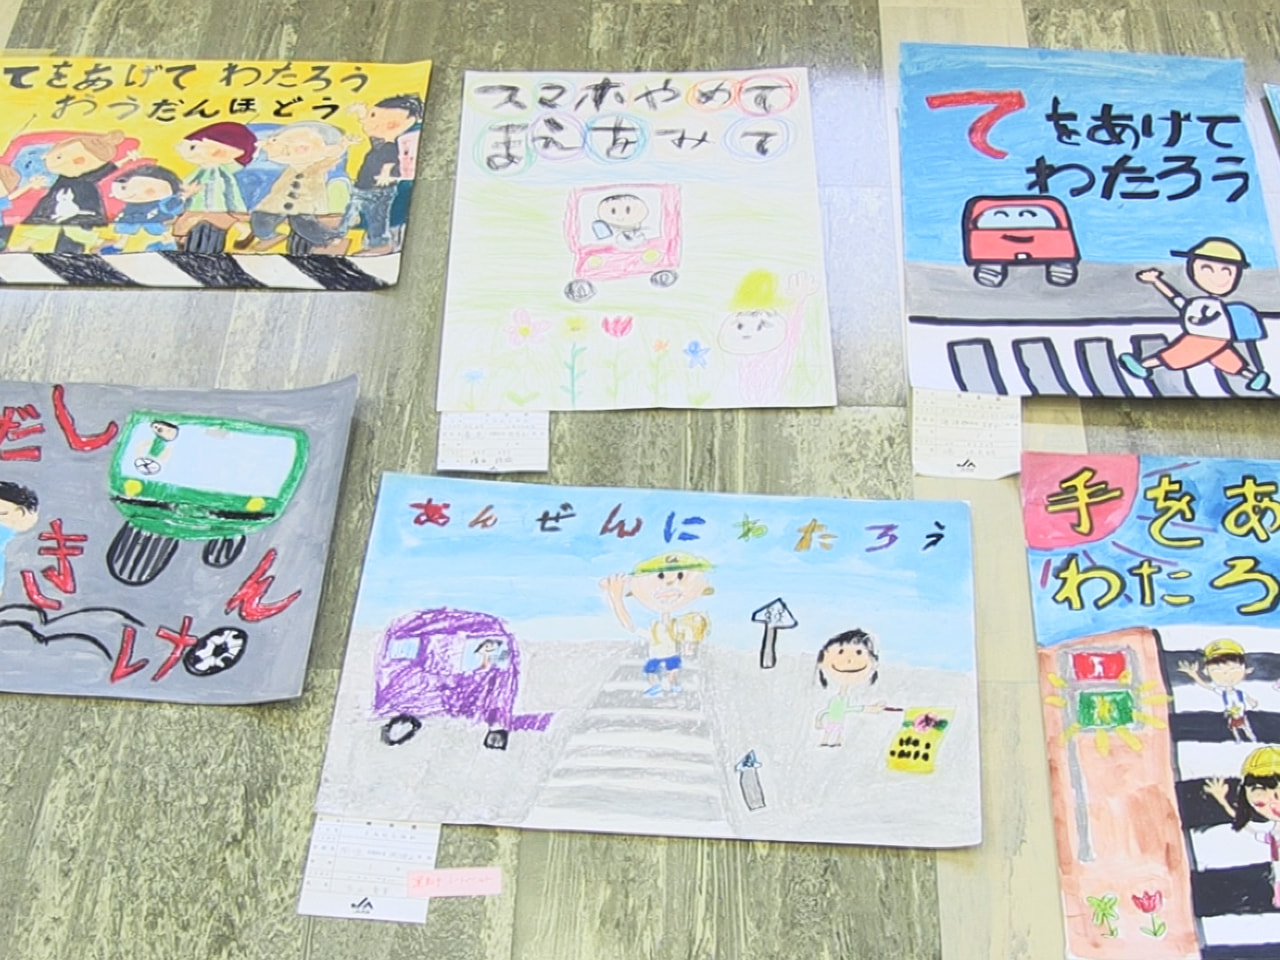 岐阜県内の小中学生が夏休みに制作した交通安全ポスターの審査会が岐阜市で開かれまし...